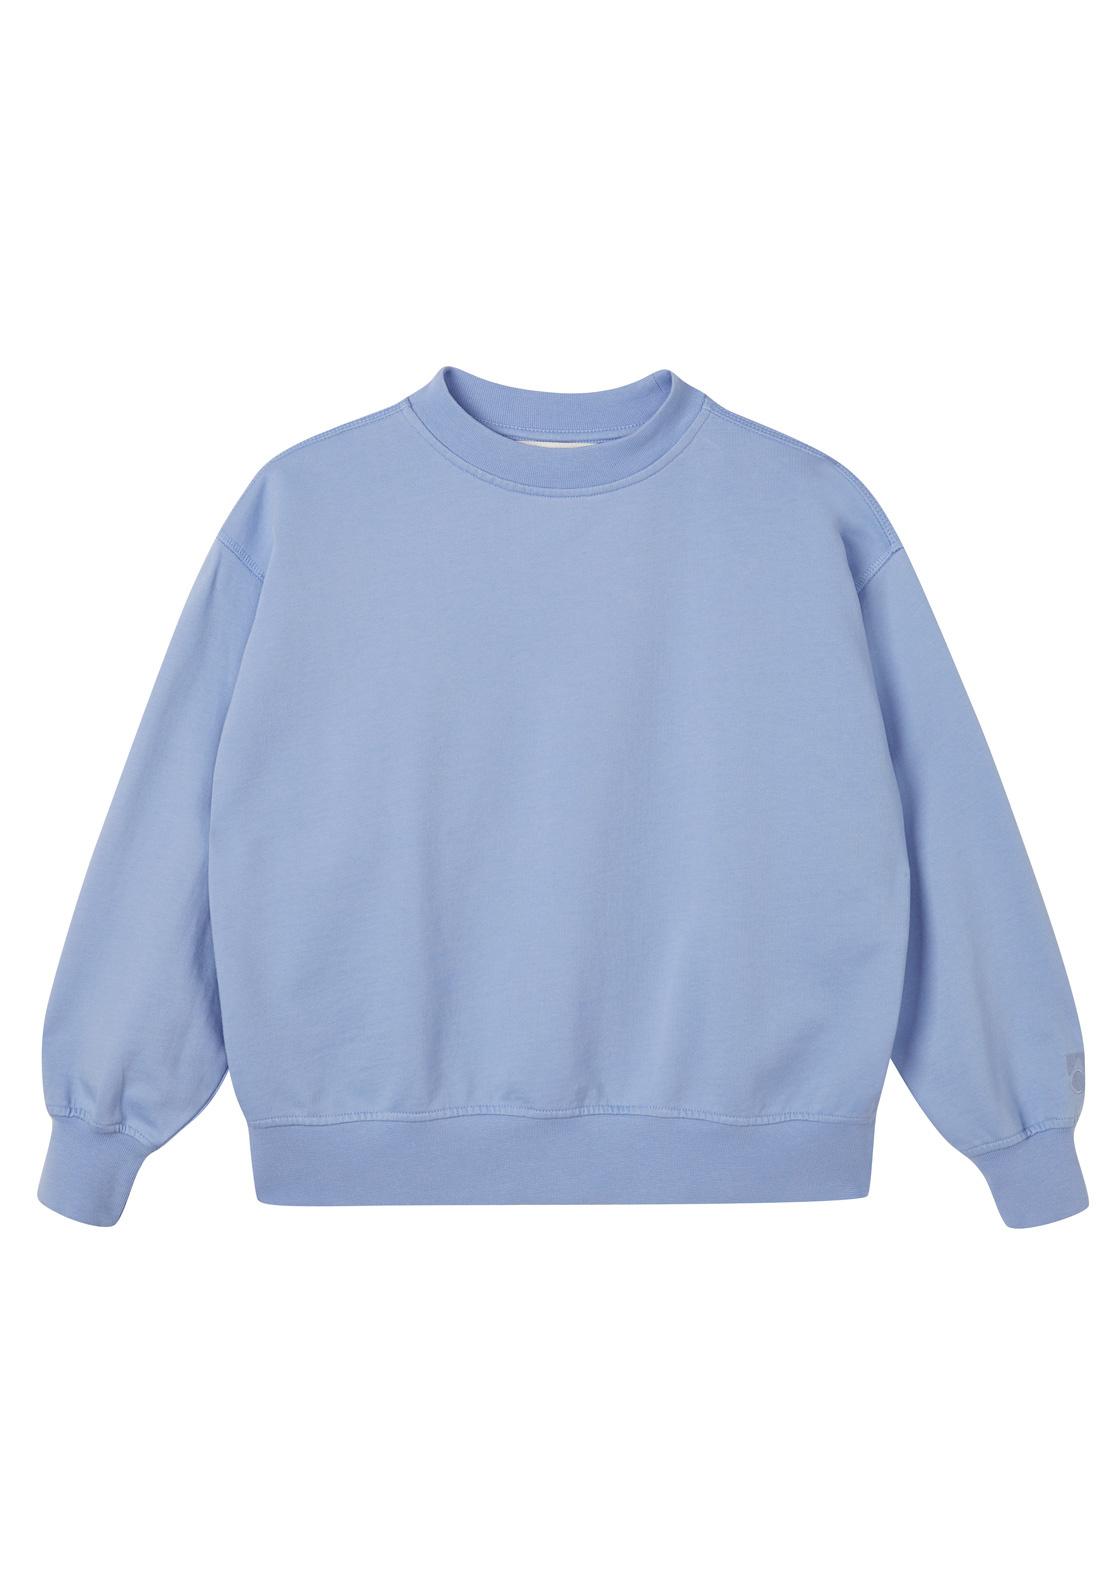 Oversized sweatshirt - Dusty Blue-1